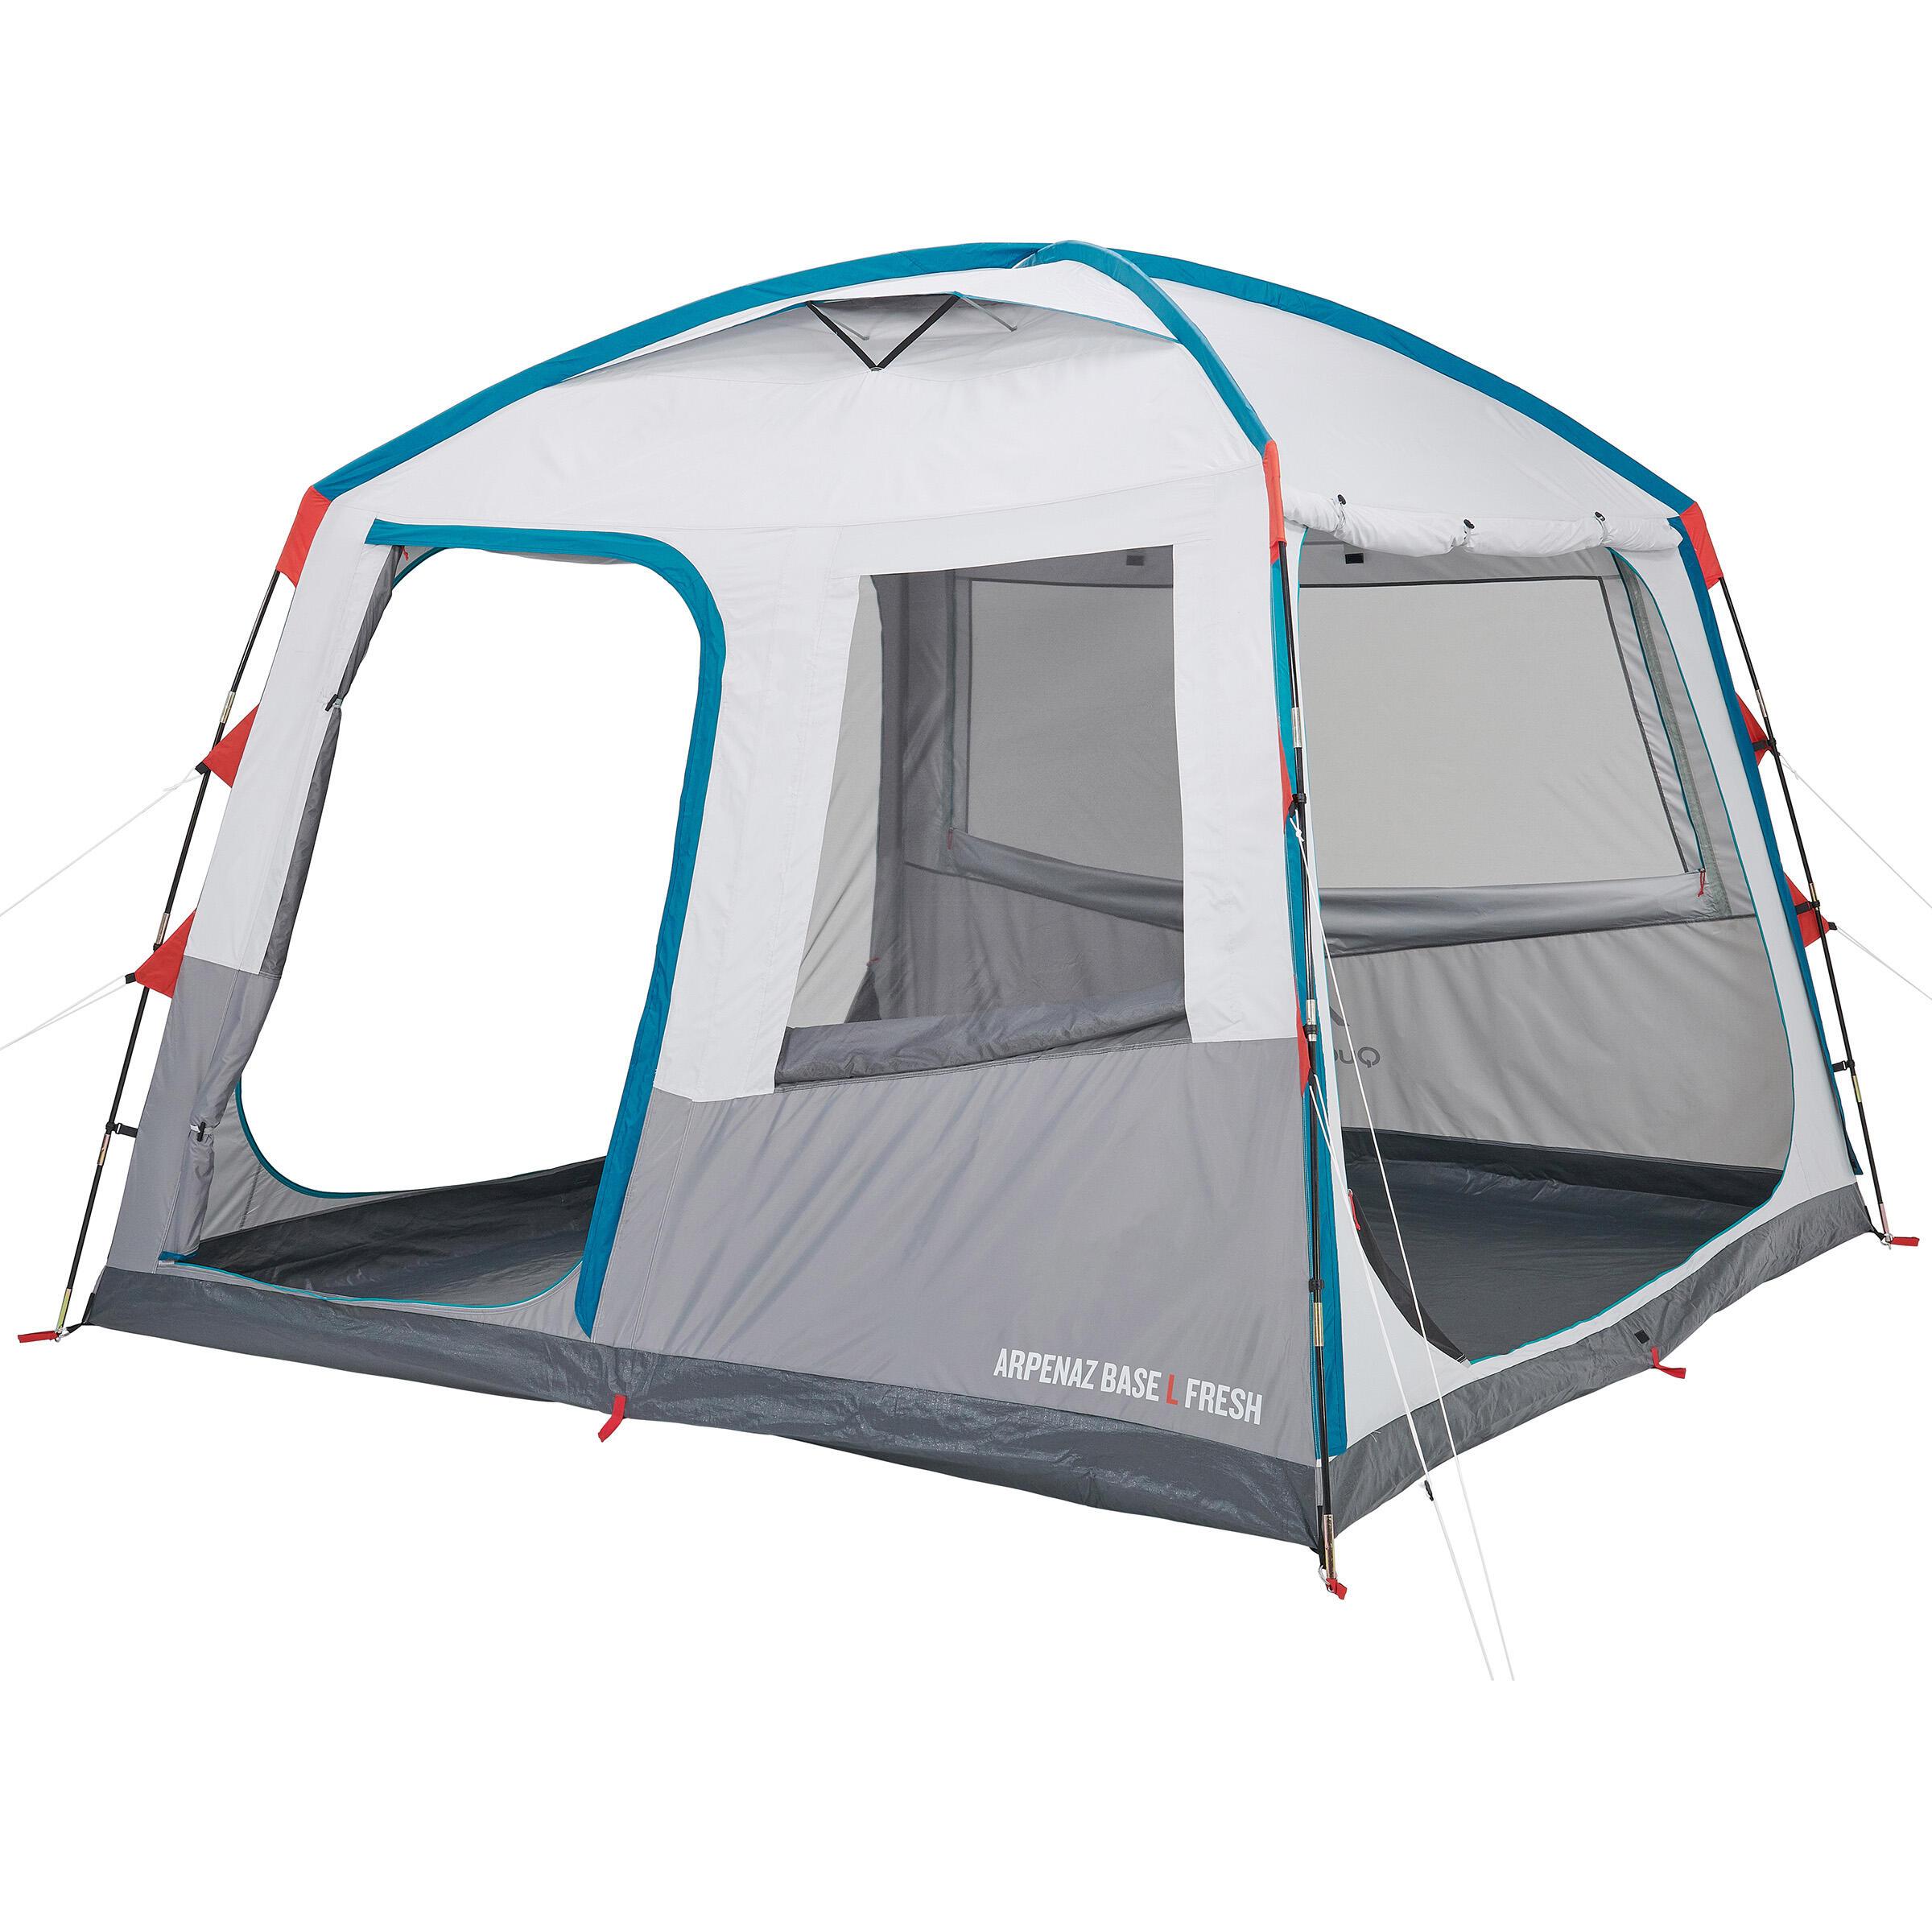 quechua kampeershelter arpenaz base l fresh 10 personen. Black Bedroom Furniture Sets. Home Design Ideas